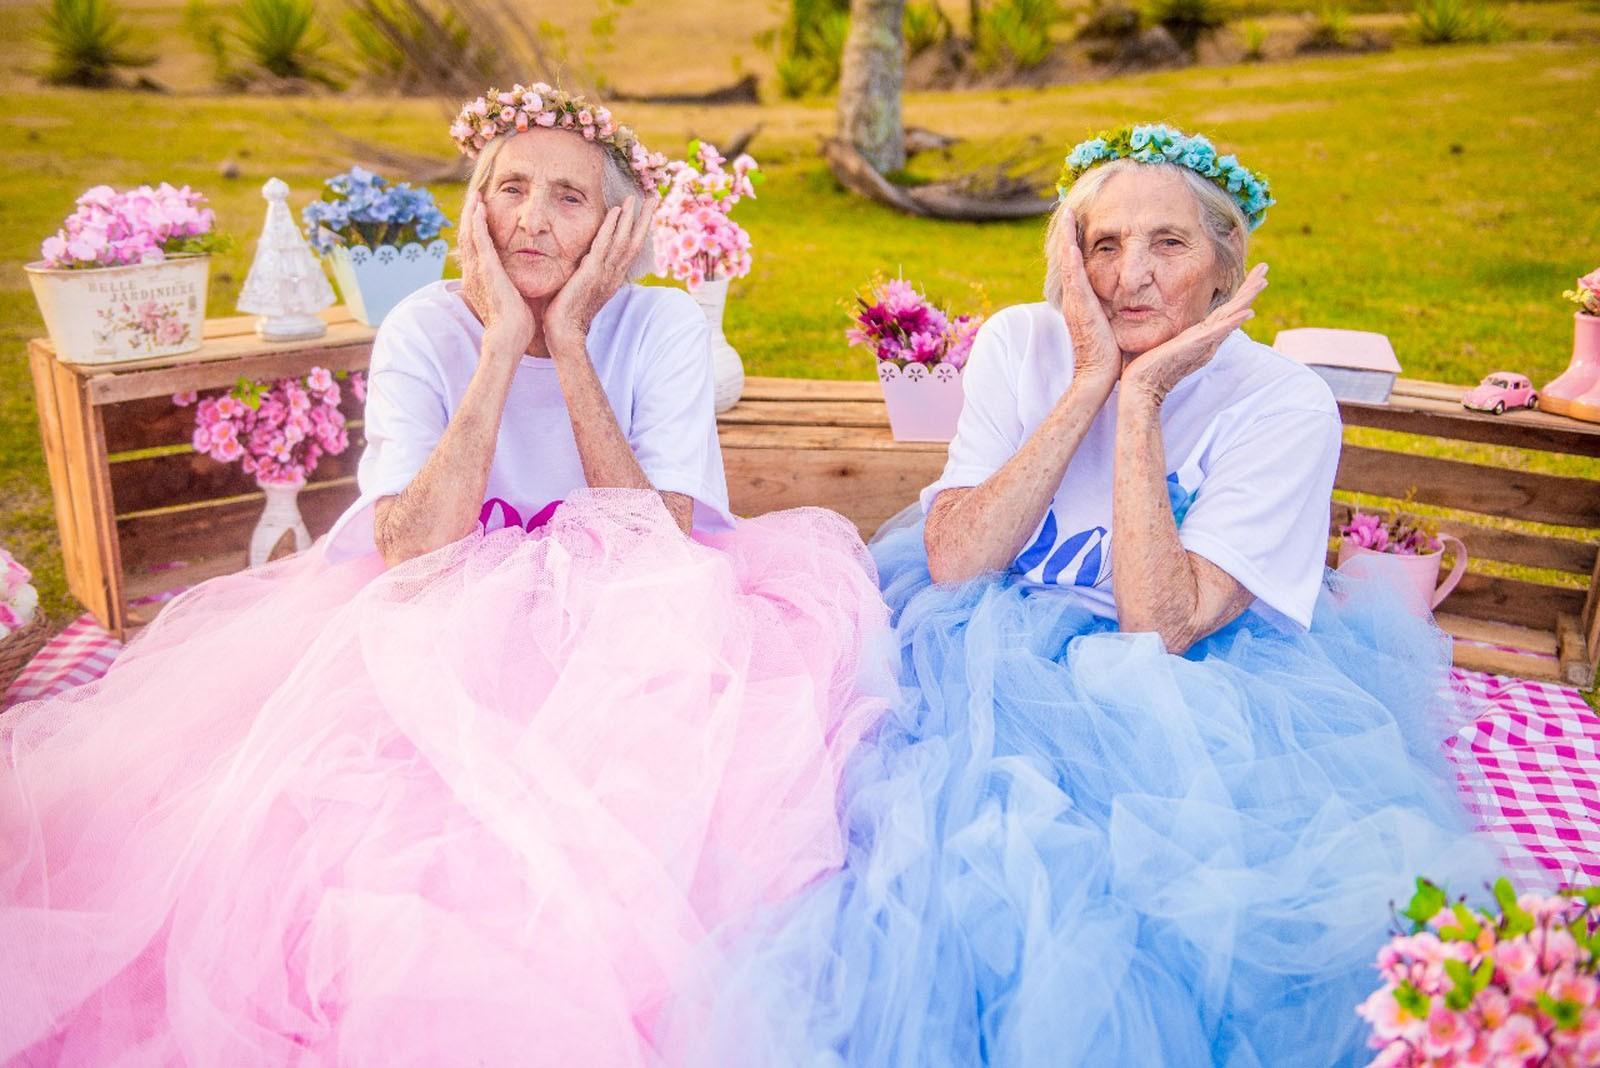 Gêmeas completam 100 anos e fazem ensaio fotográfico no ES; veja as fotos